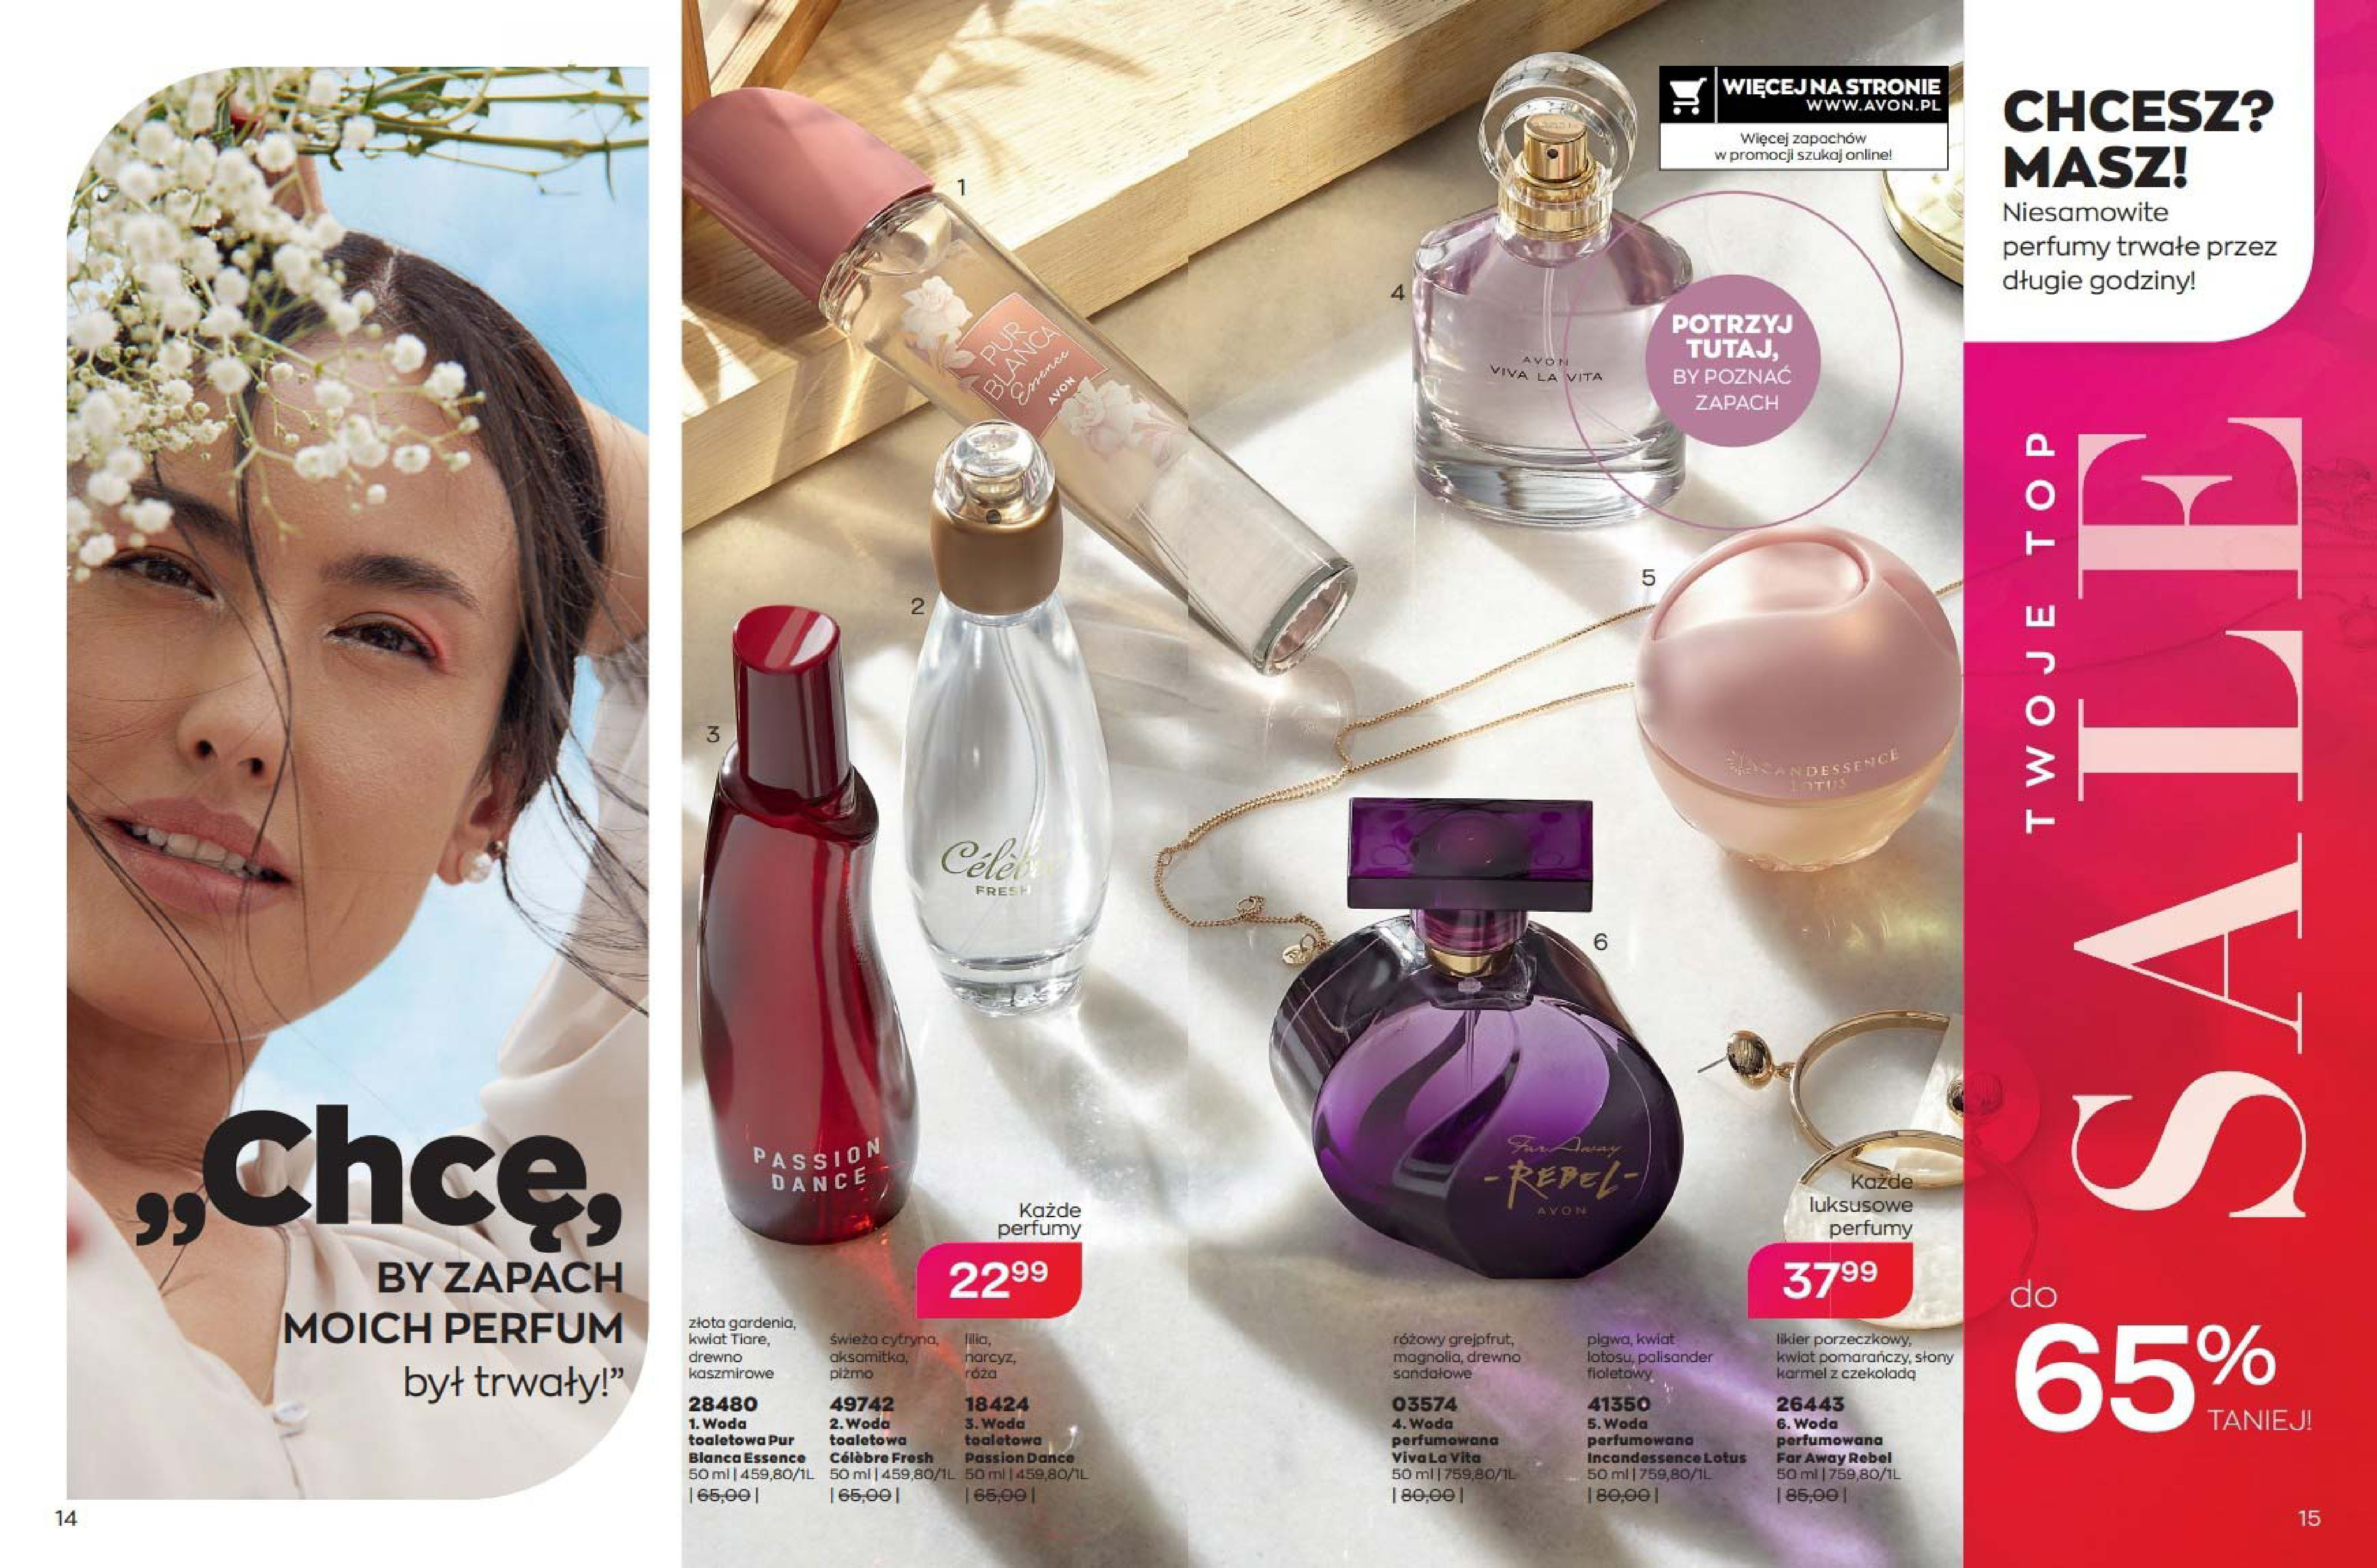 Gazetka Avon: Katalog Avon - Lipiec 2021 2021-07-01 page-8